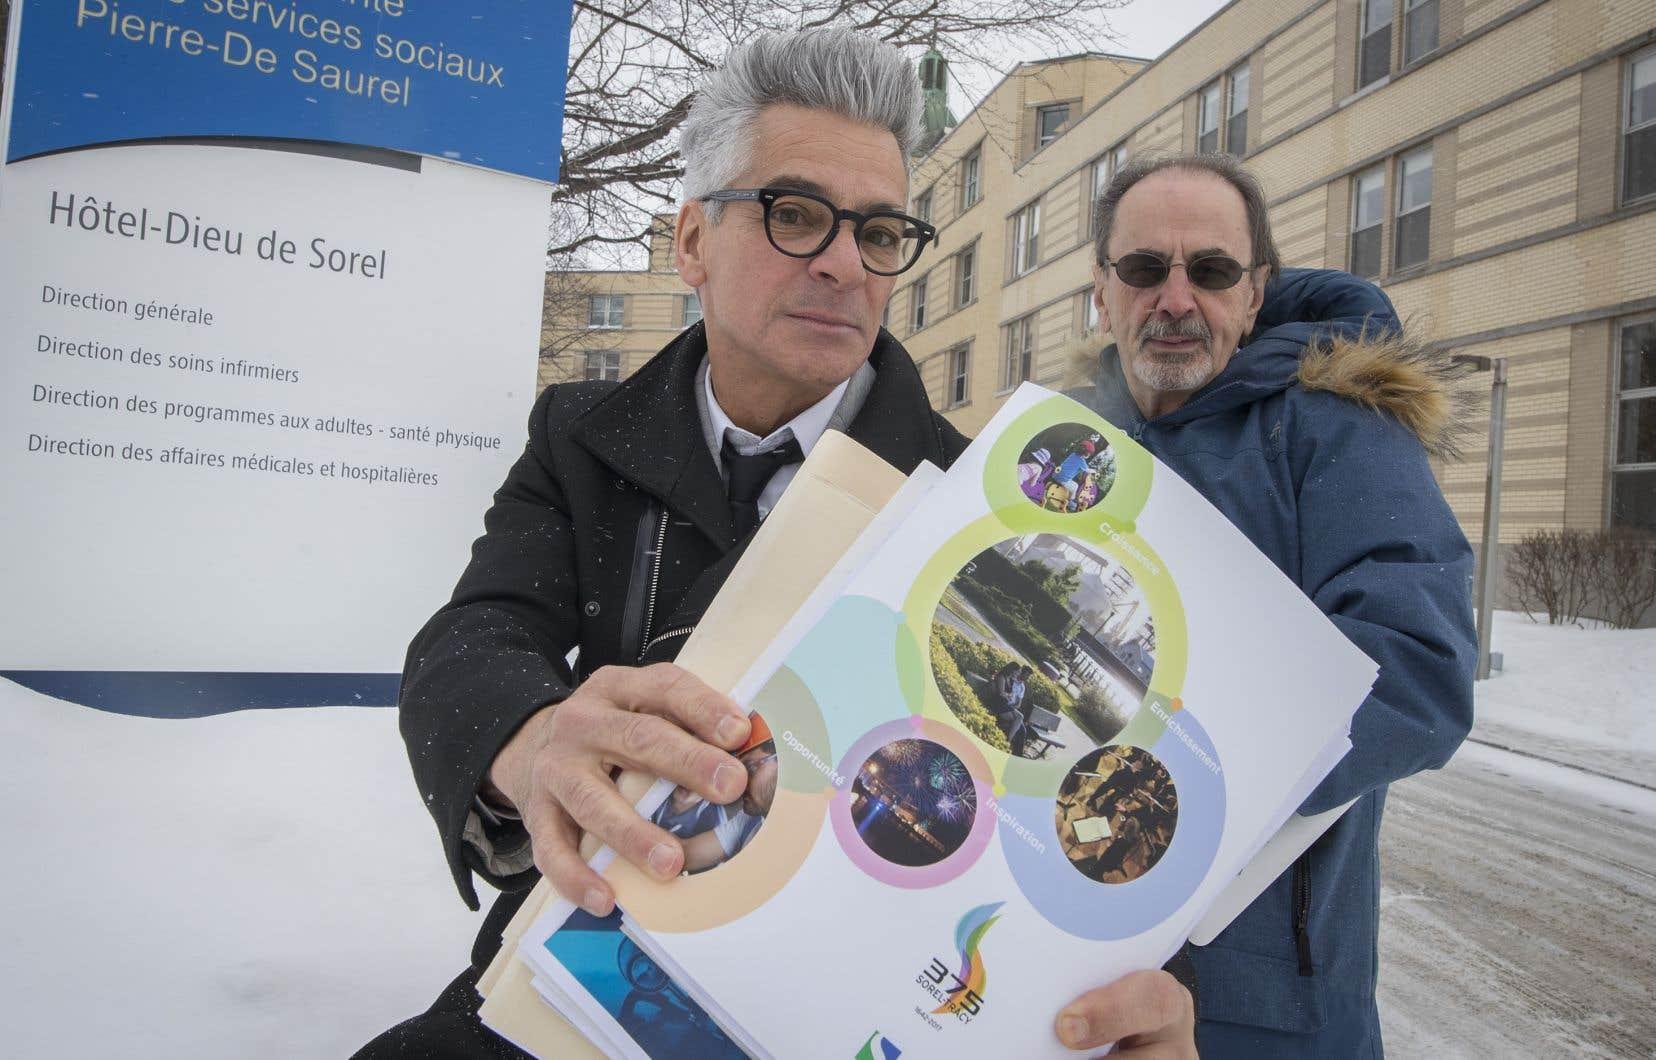 Le maire de Sorel-Tracy, Serge Péloquin, et le DrJacques Godin se battent pour améliorer la qualité des services à l'Hôtel-Dieu de Sorel.